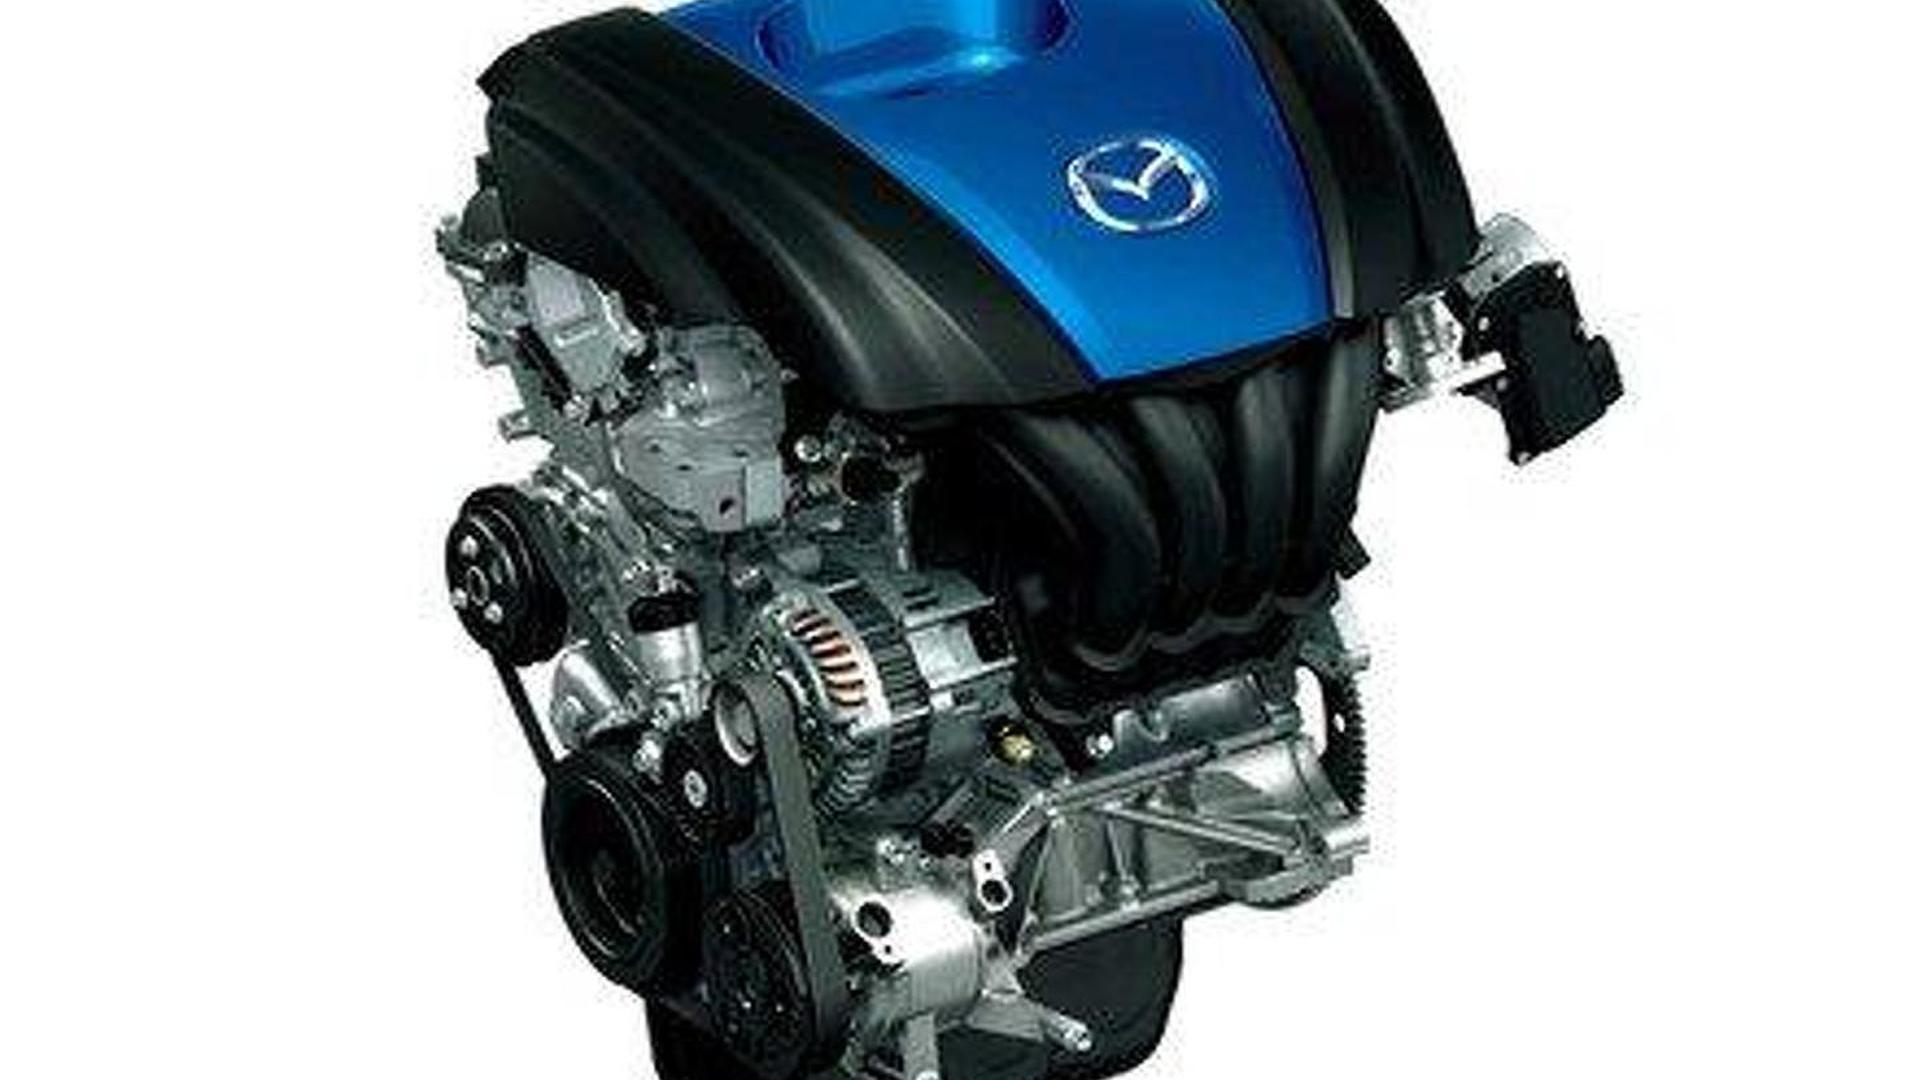 Kelebihan Kekurangan Mazda Skyactiv G Perbandingan Harga